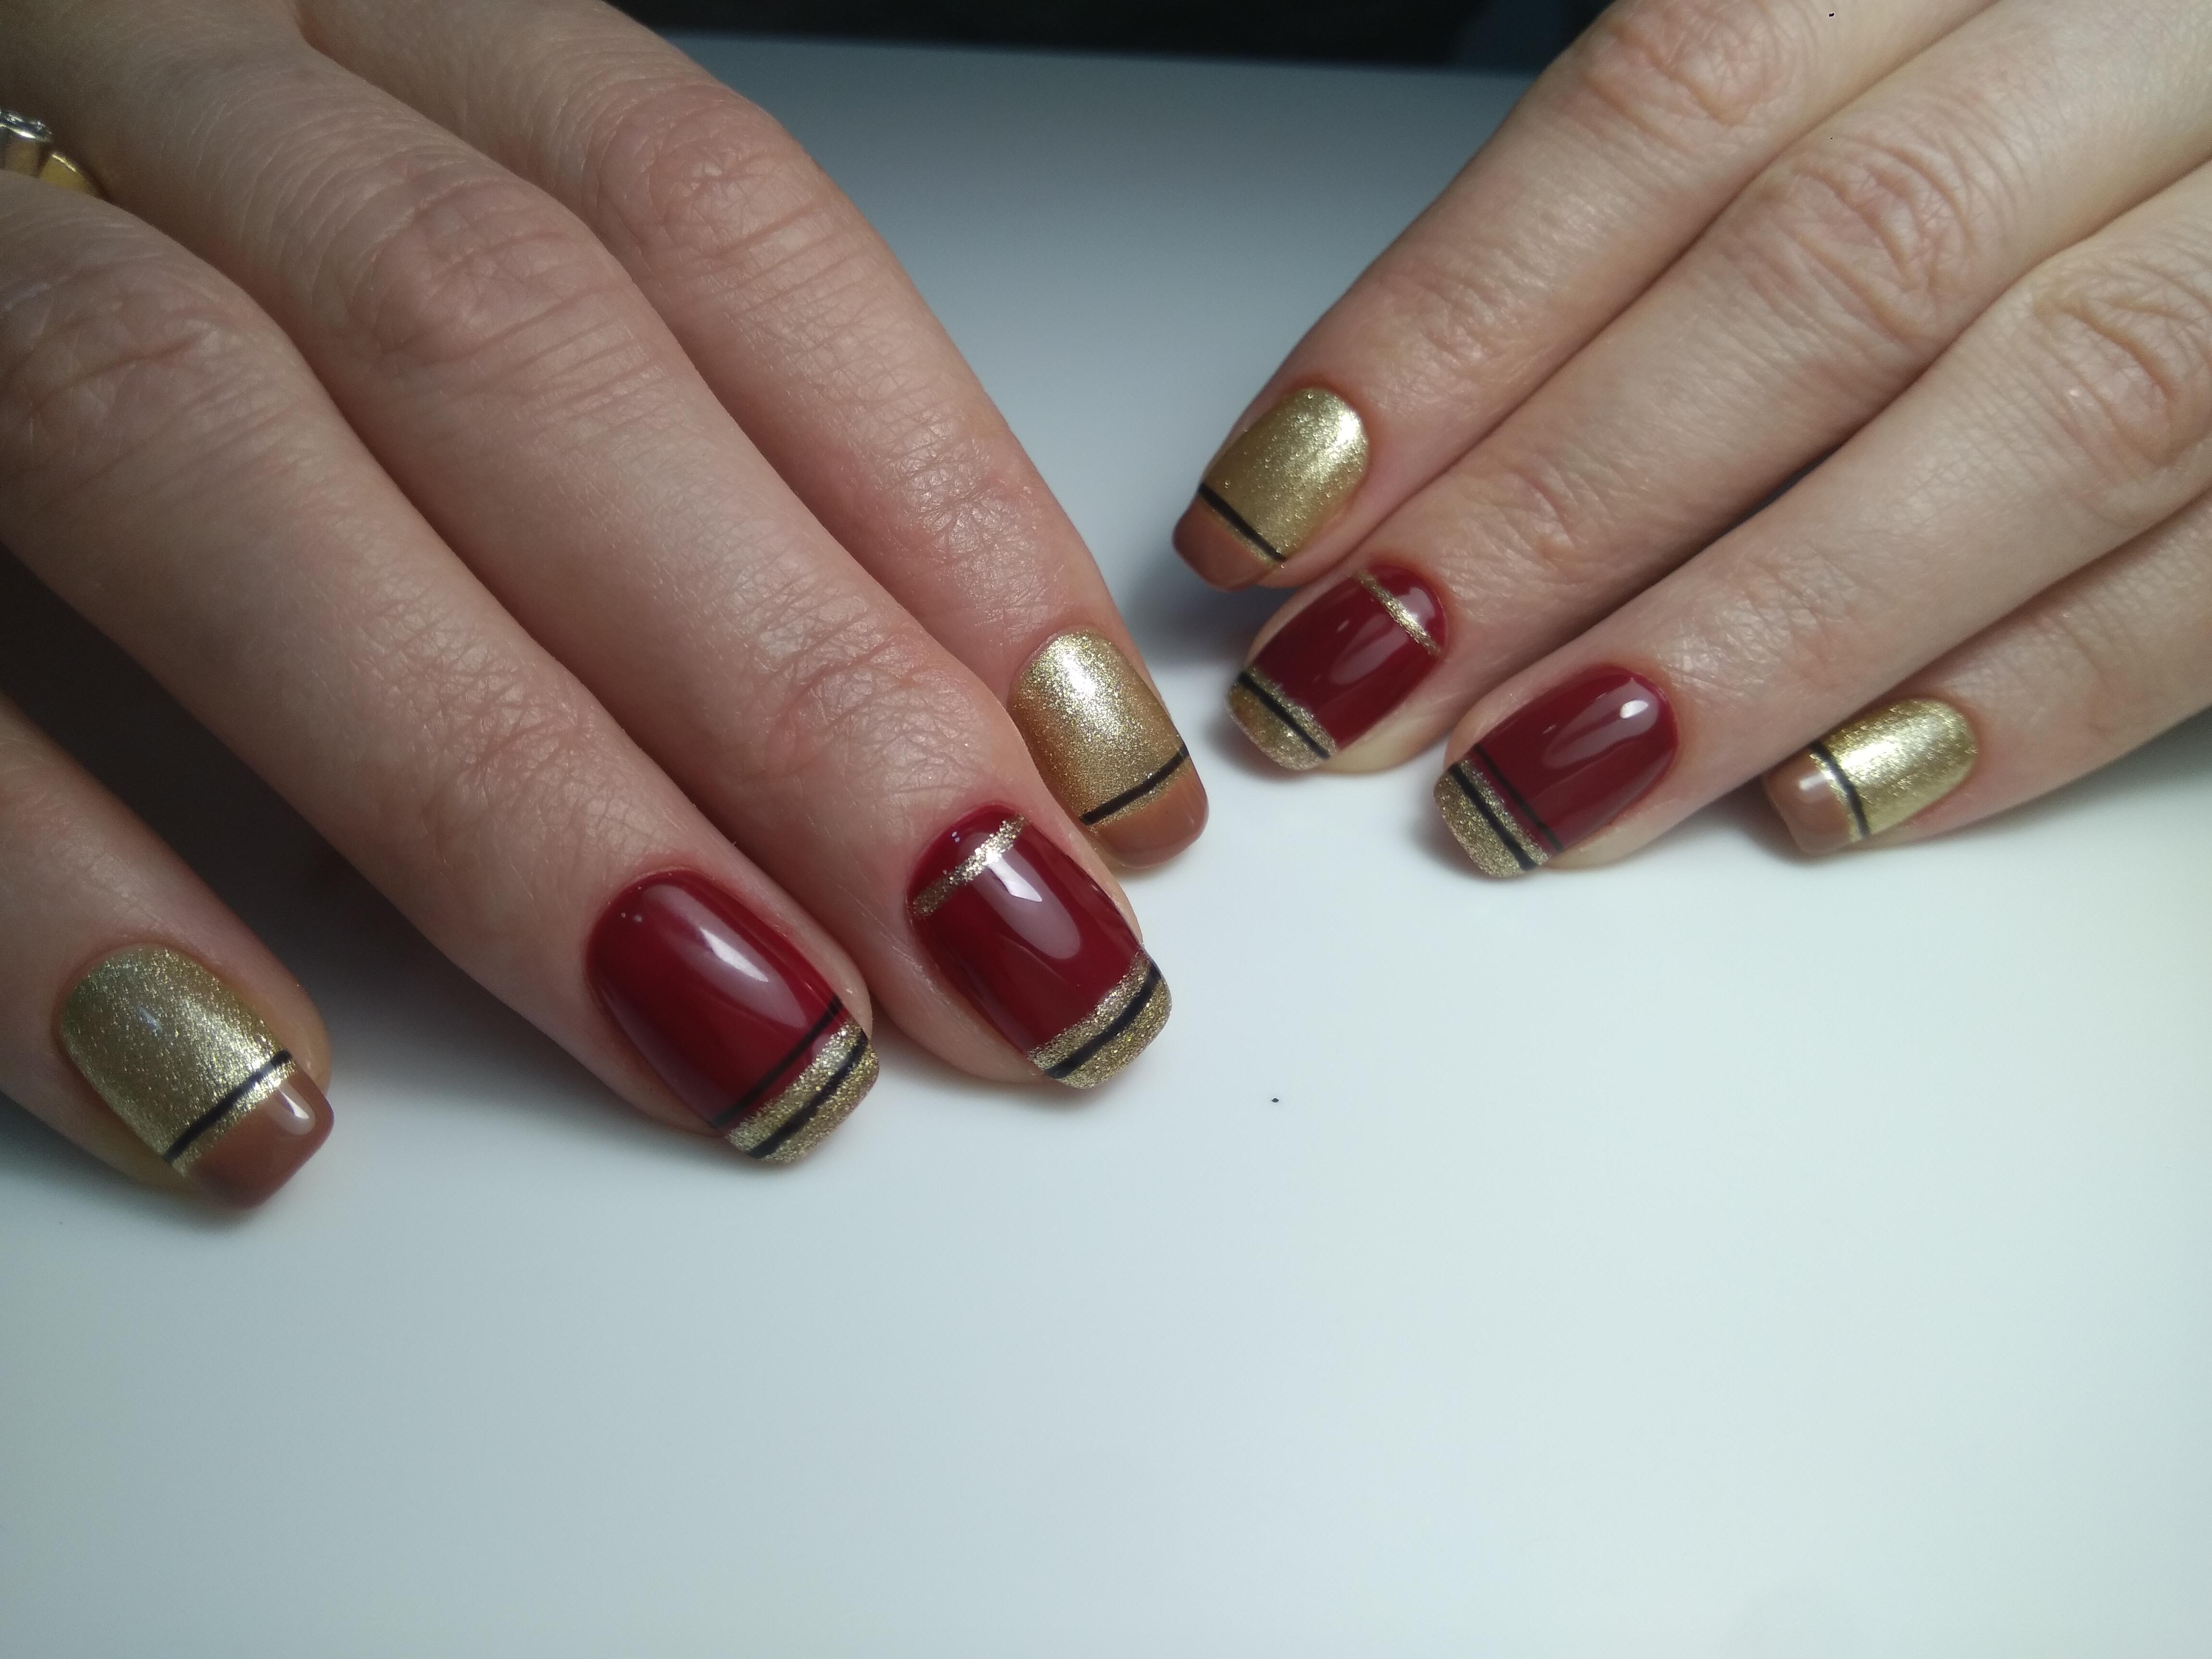 Блестящий золотой маникюр с тёмно-красным дизайном и полосками.